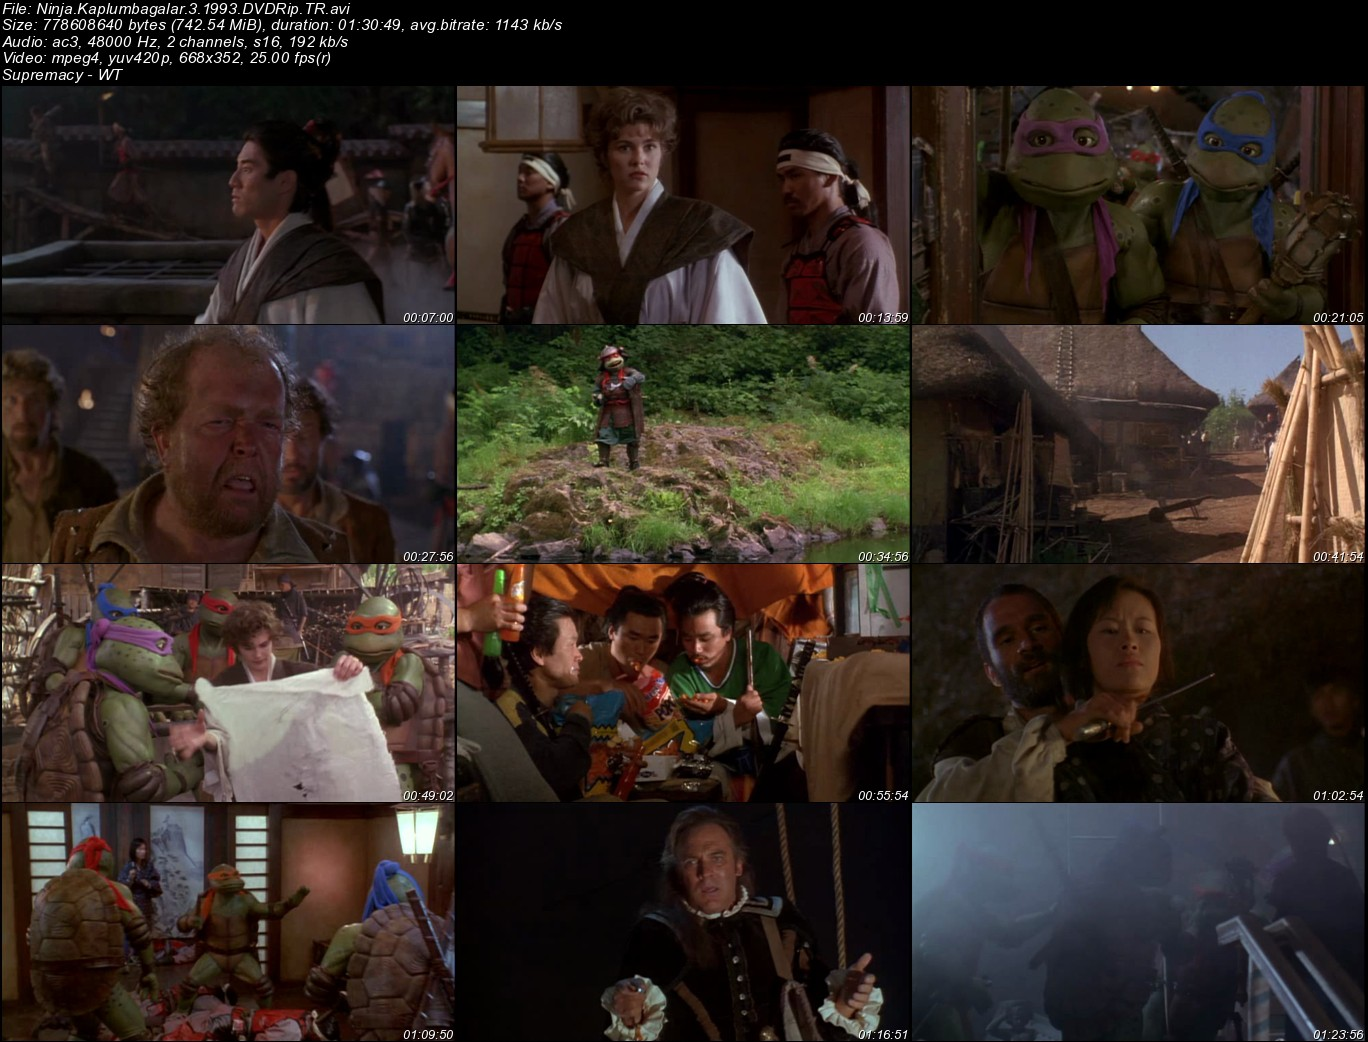 Ninja Kaplumbağalar 3 - 1993 Türkçe Dublaj DVDRip Tek Link